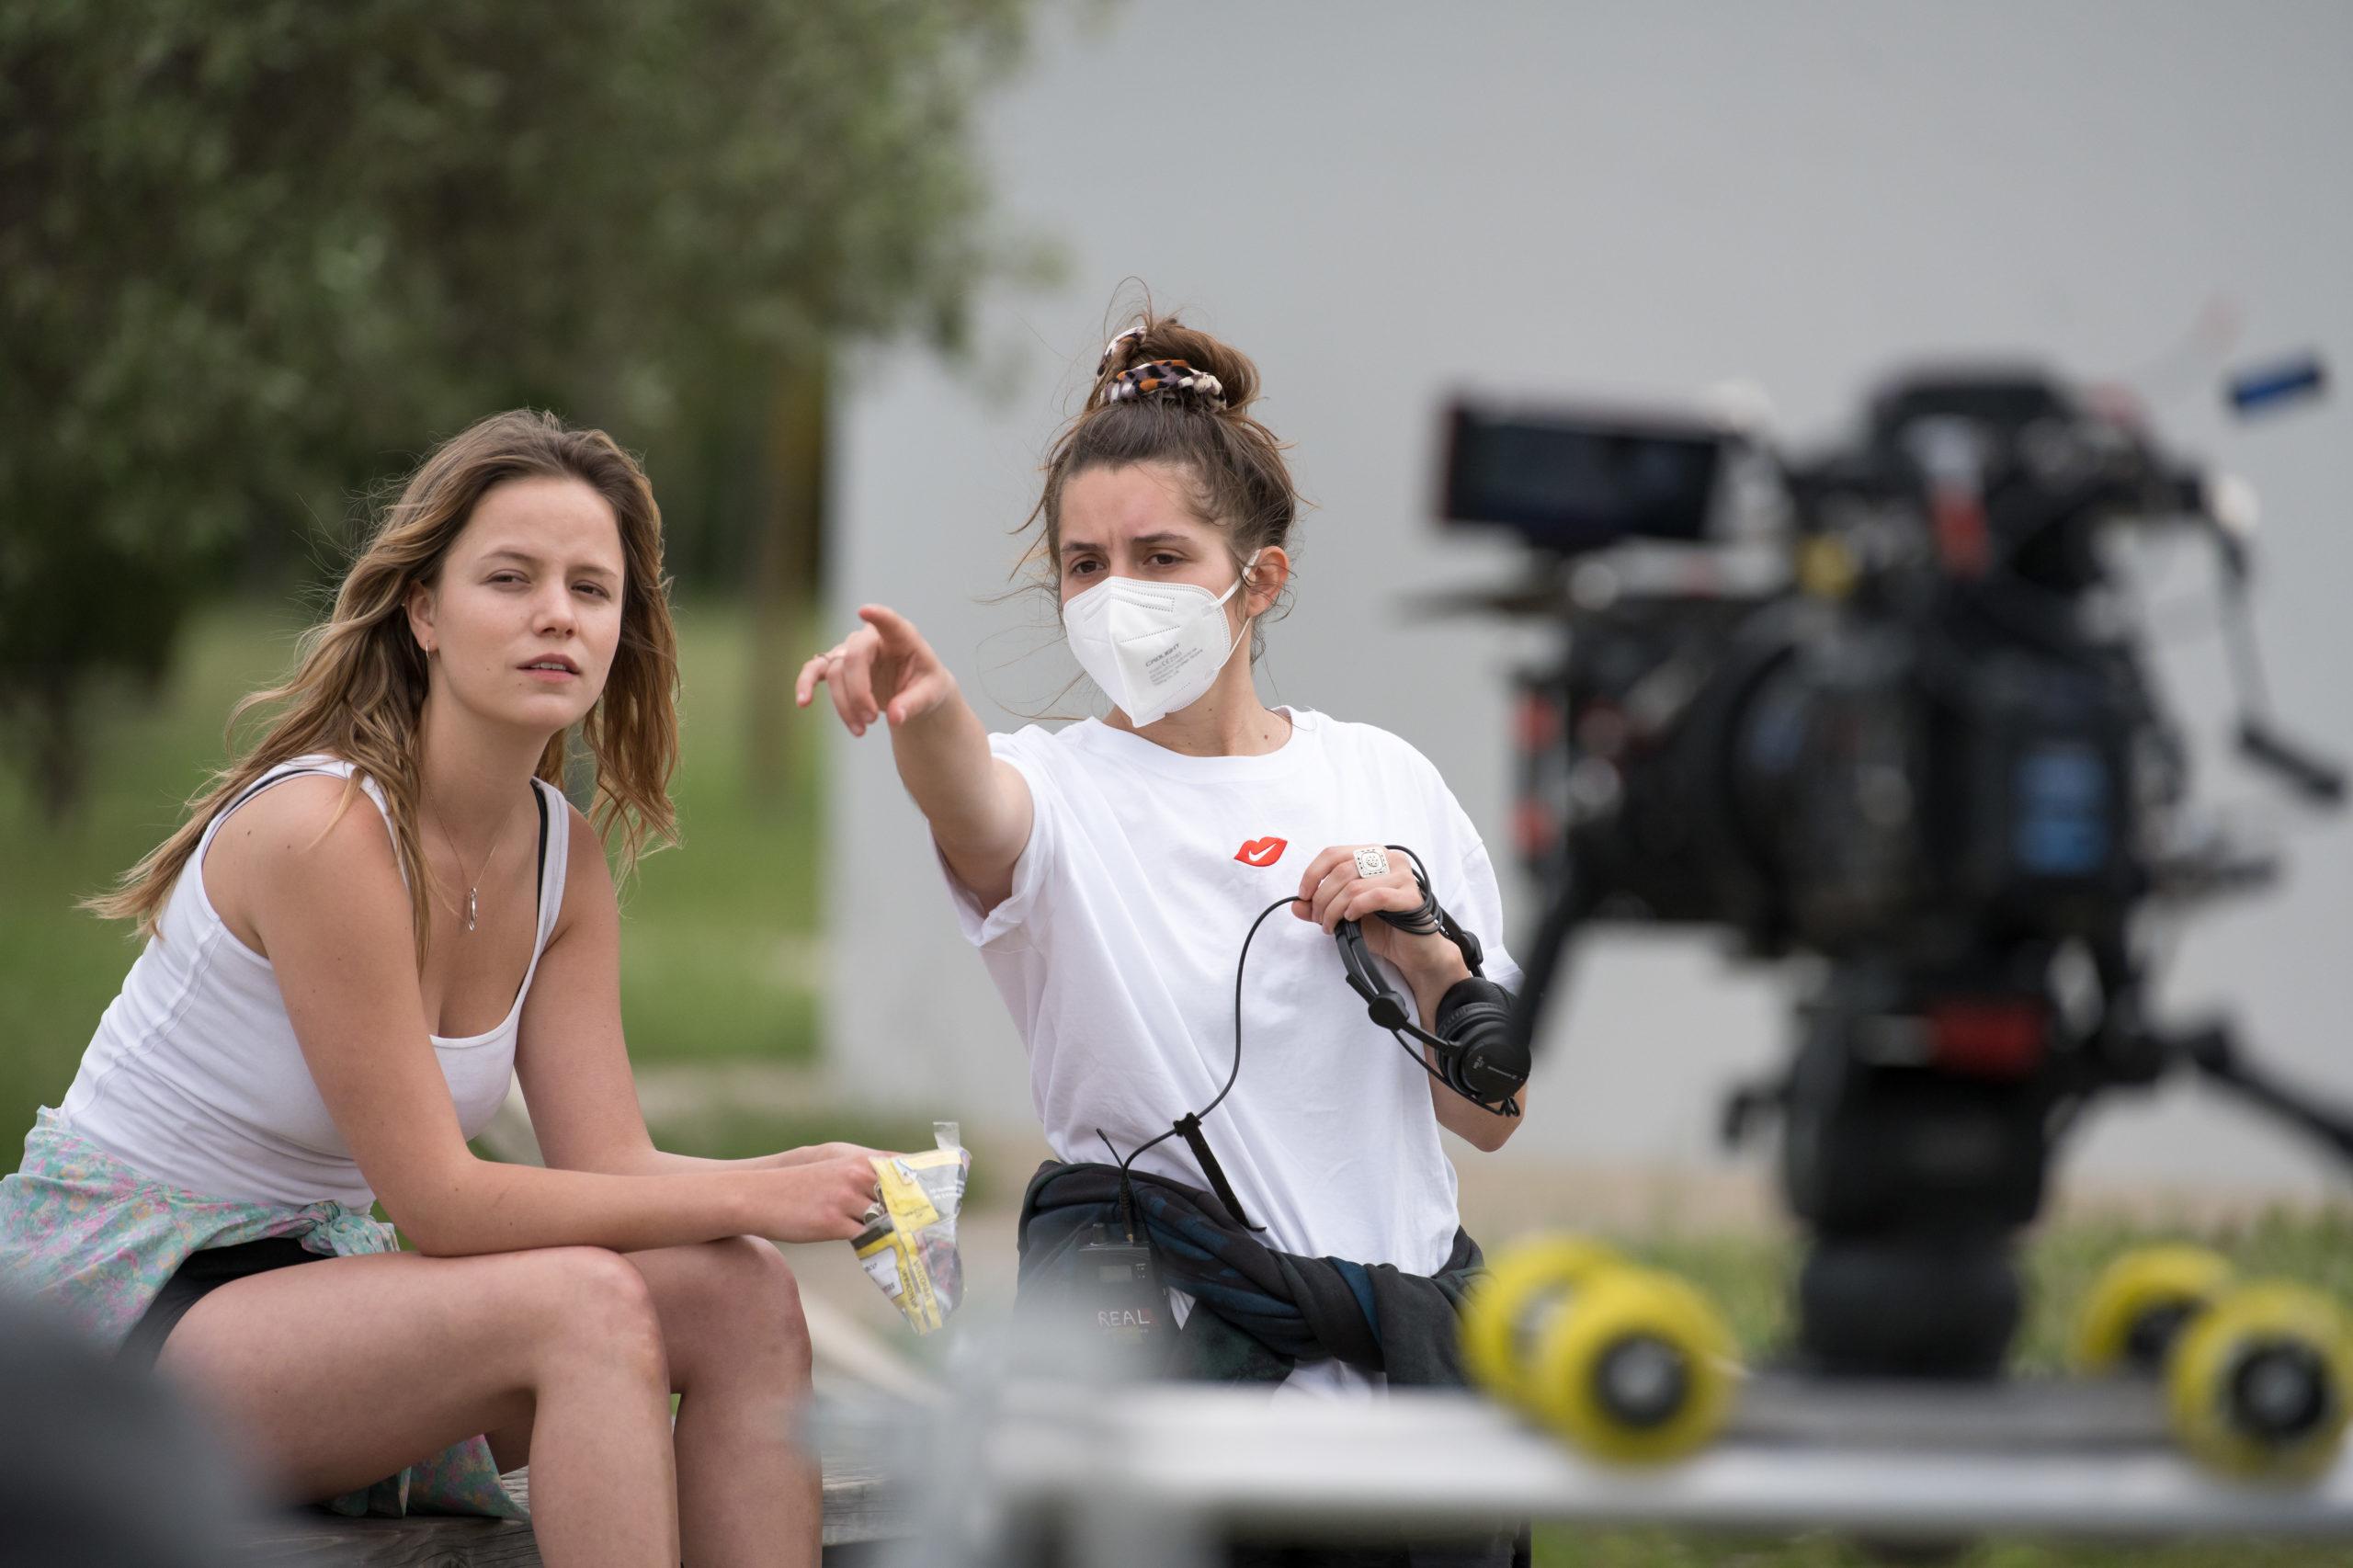 ©Fabien Malo. La réalisatrice Laura Saulnier dirige la comédienne Marysol Fertard sur le tournage du court-métrage